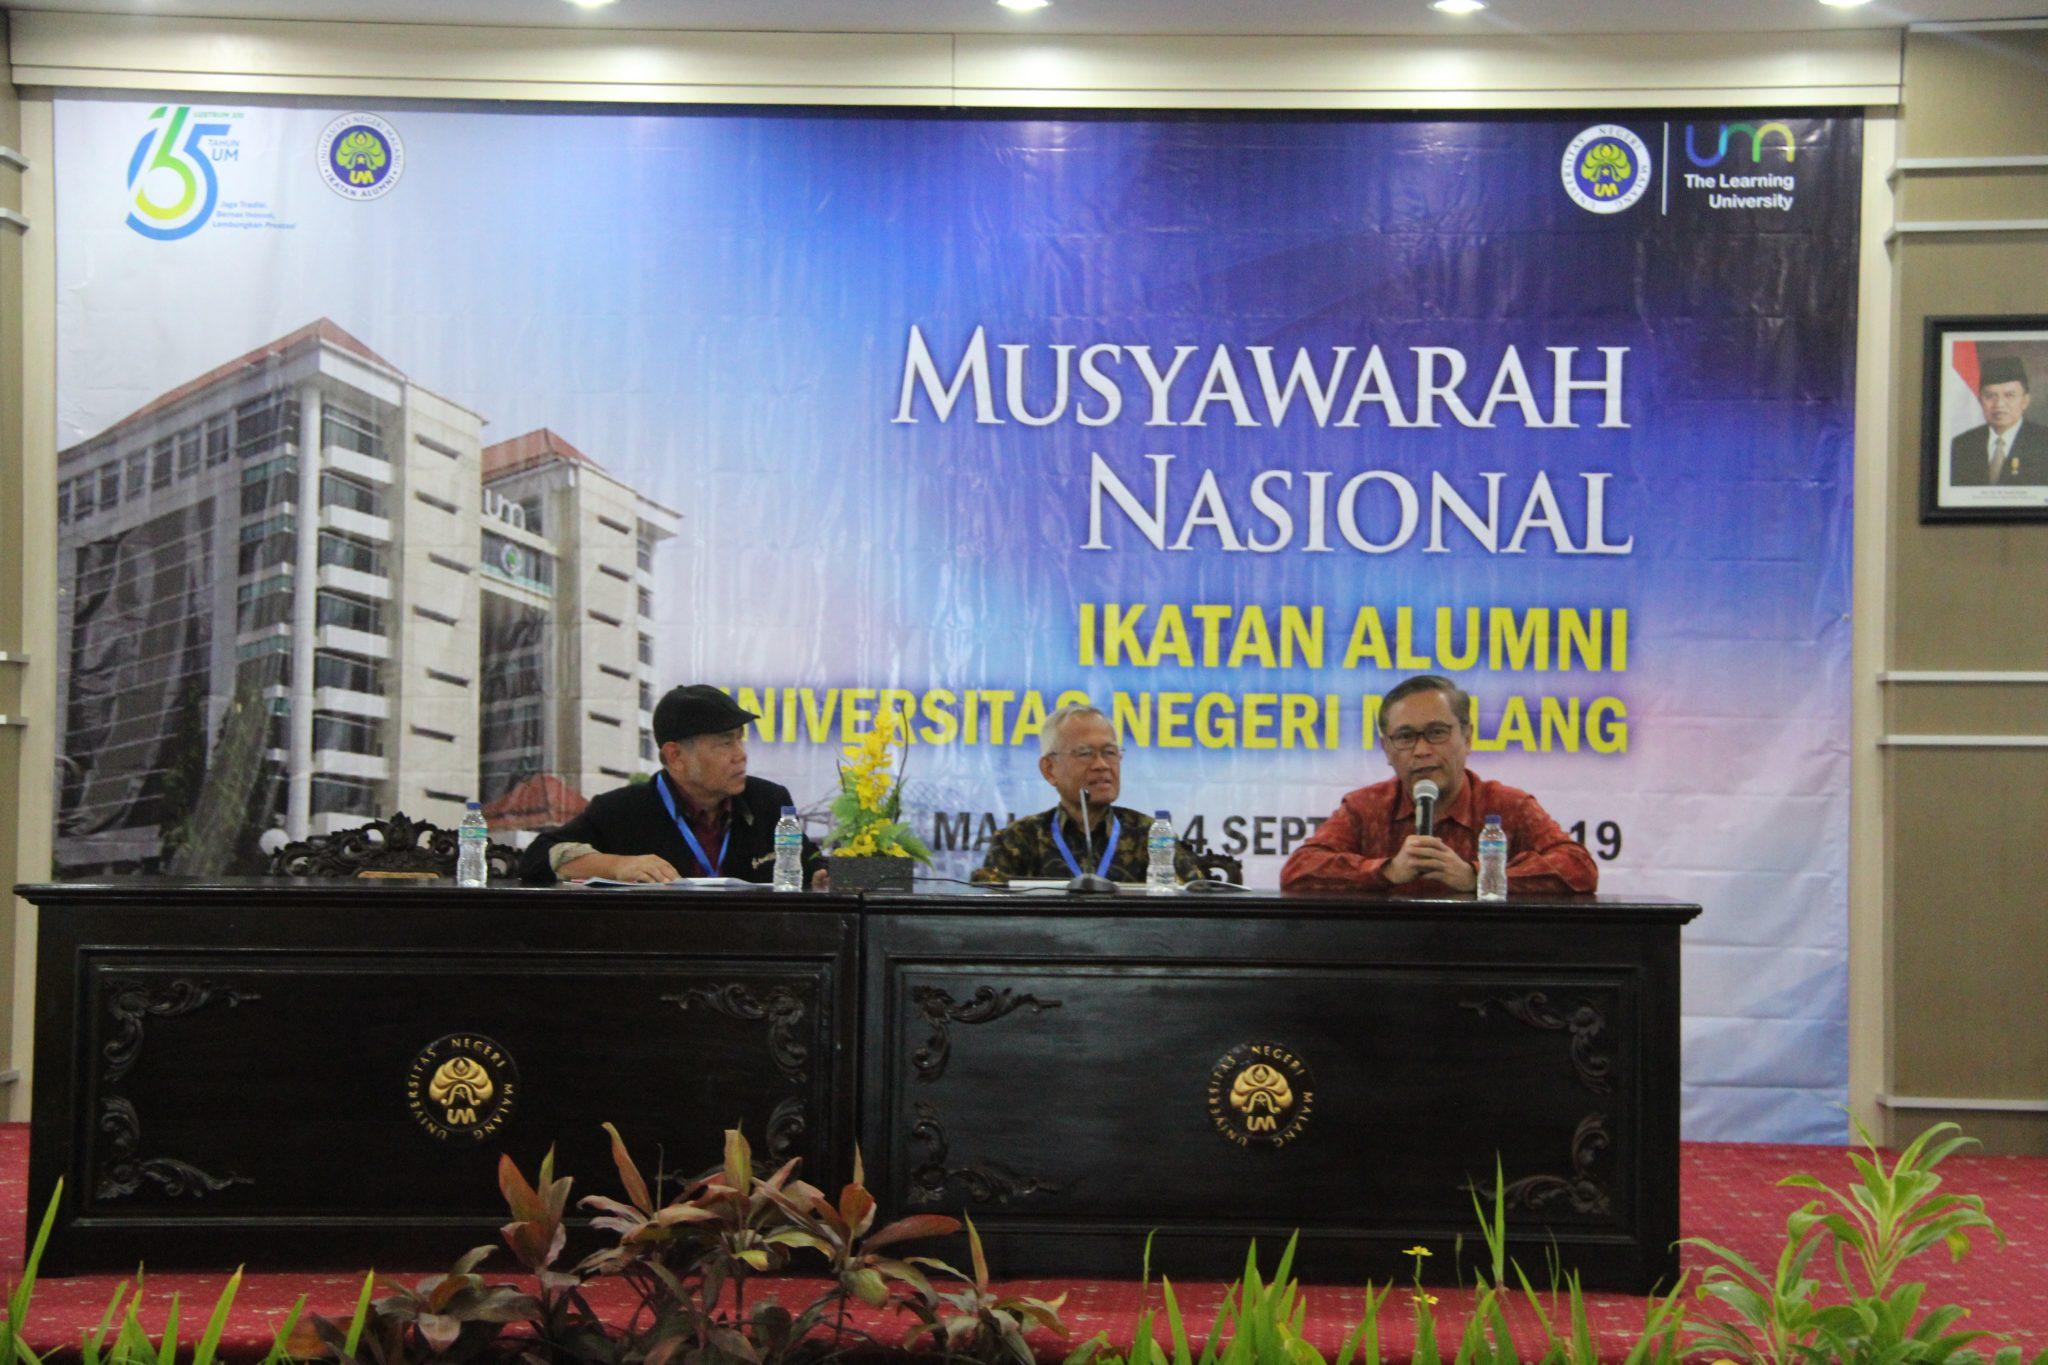 Musyawarah Nasional